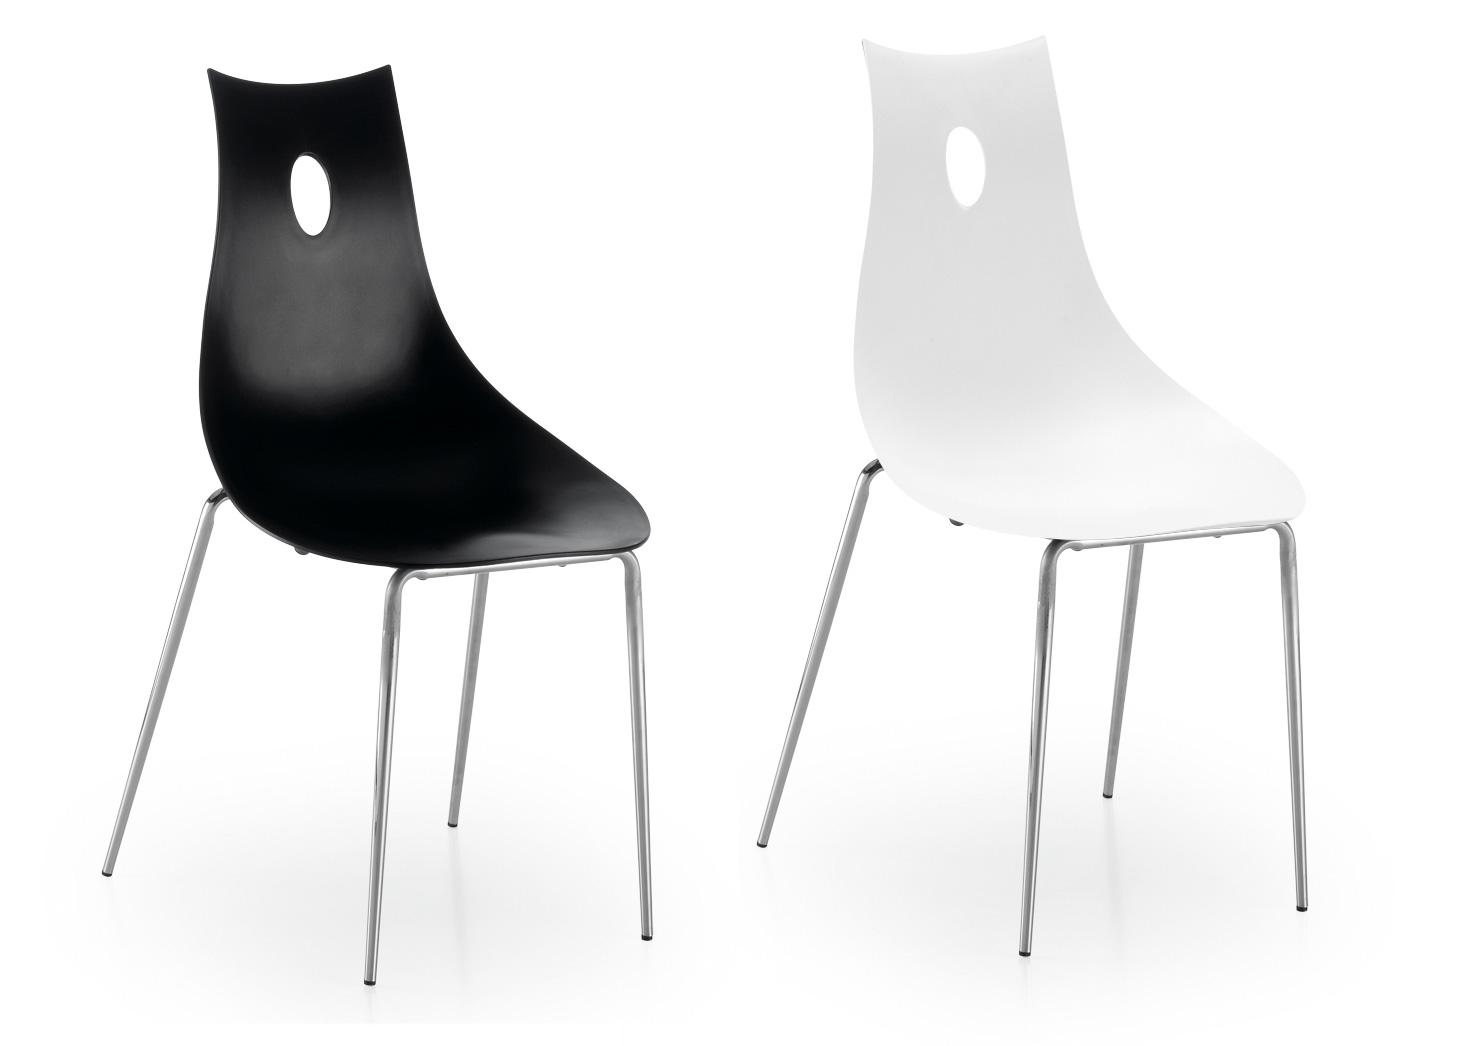 Sillas pl stico modernas negras for Sillas negras modernas